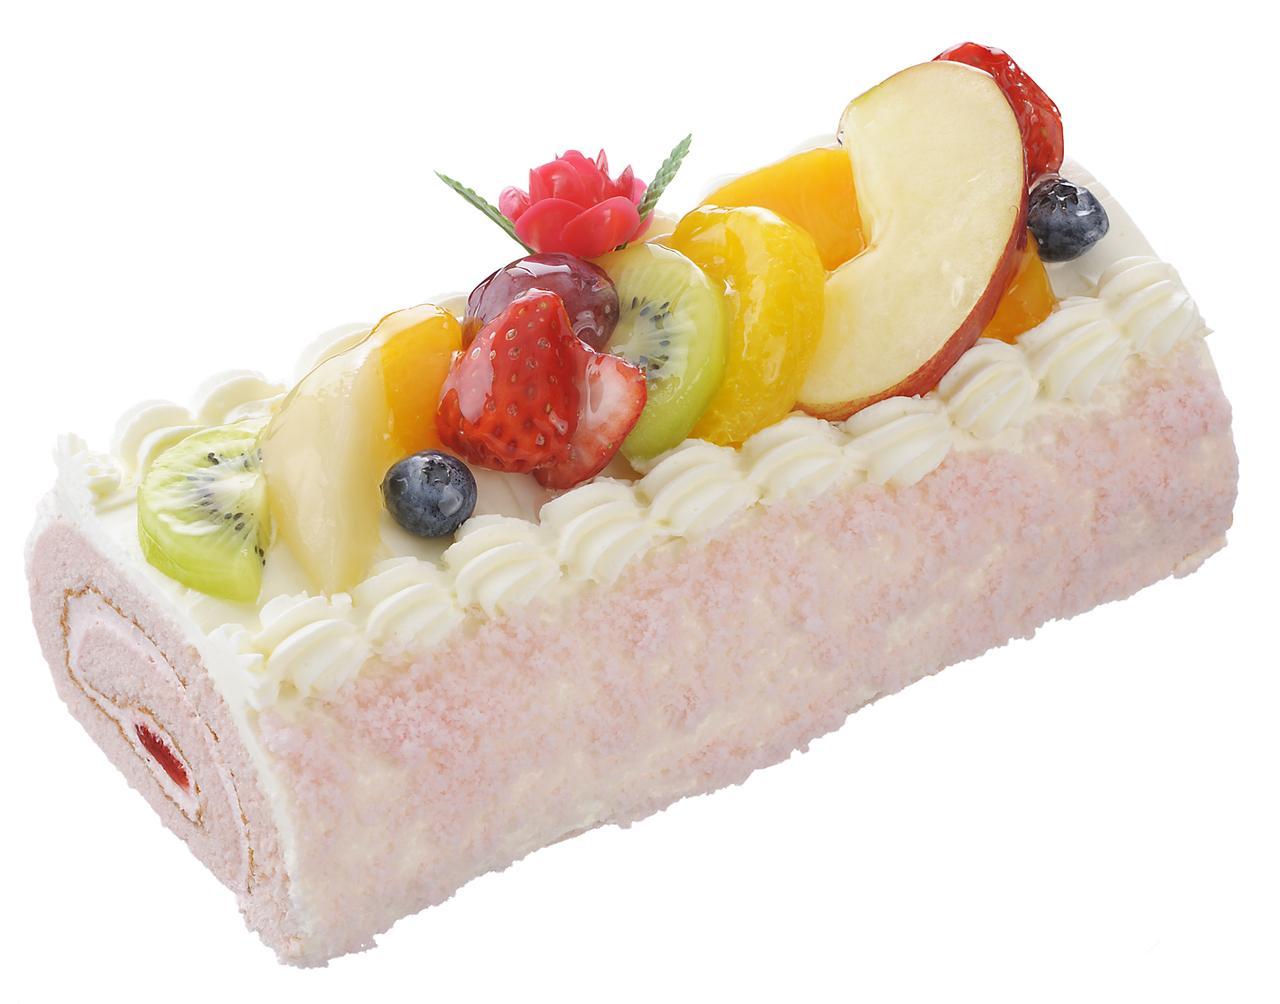 画像: 価 格: <長さ19cm、約4人分>¥1,850(税込¥1,998) 販売期間: 2017年5月12日(金)~14日(日) 特 長: 苺クリームと苺ジャムをふわふわ苺風味スポンジで巻いて、フルーツを飾った、母の日限定の豪華なロールケーキ。バラの花ピック付き。